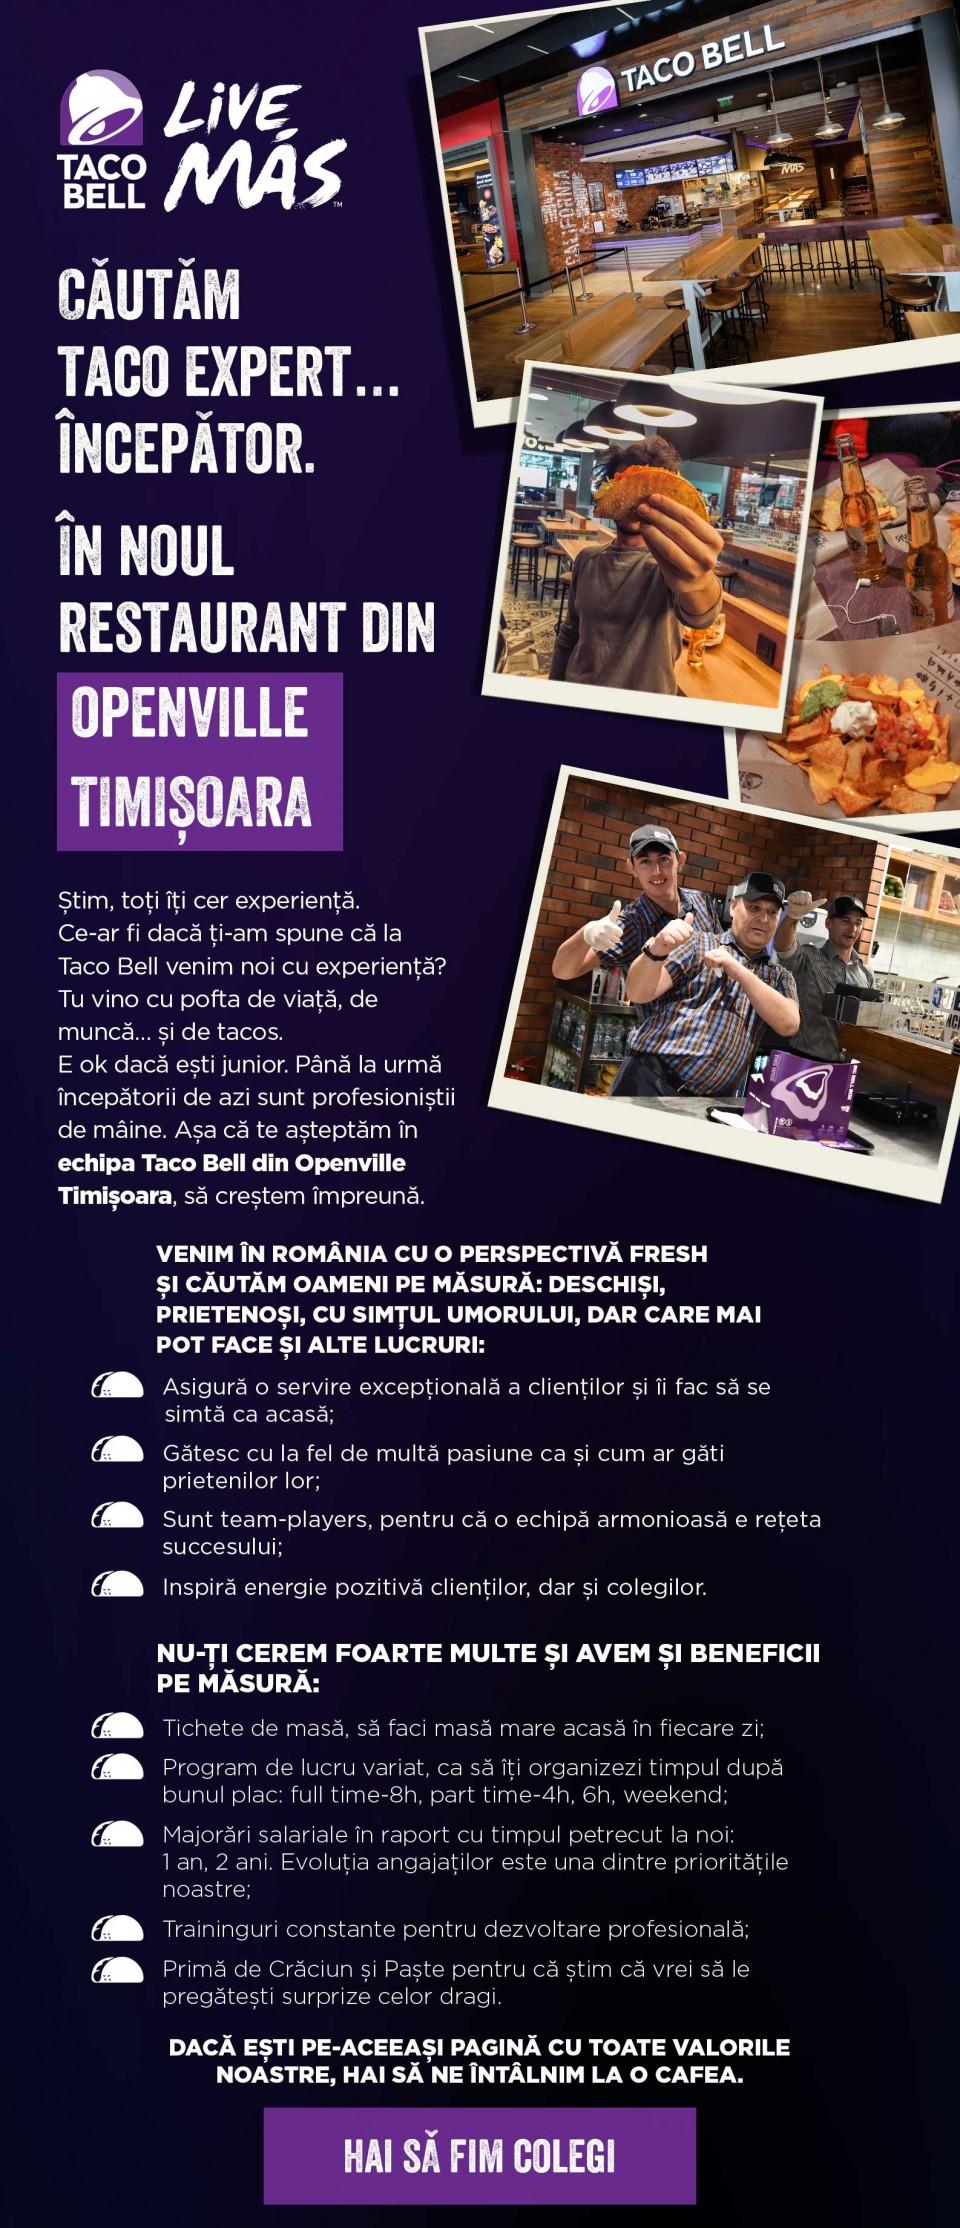 Angajăm bucătari și casieri la Taco Bell Openville Timișoara